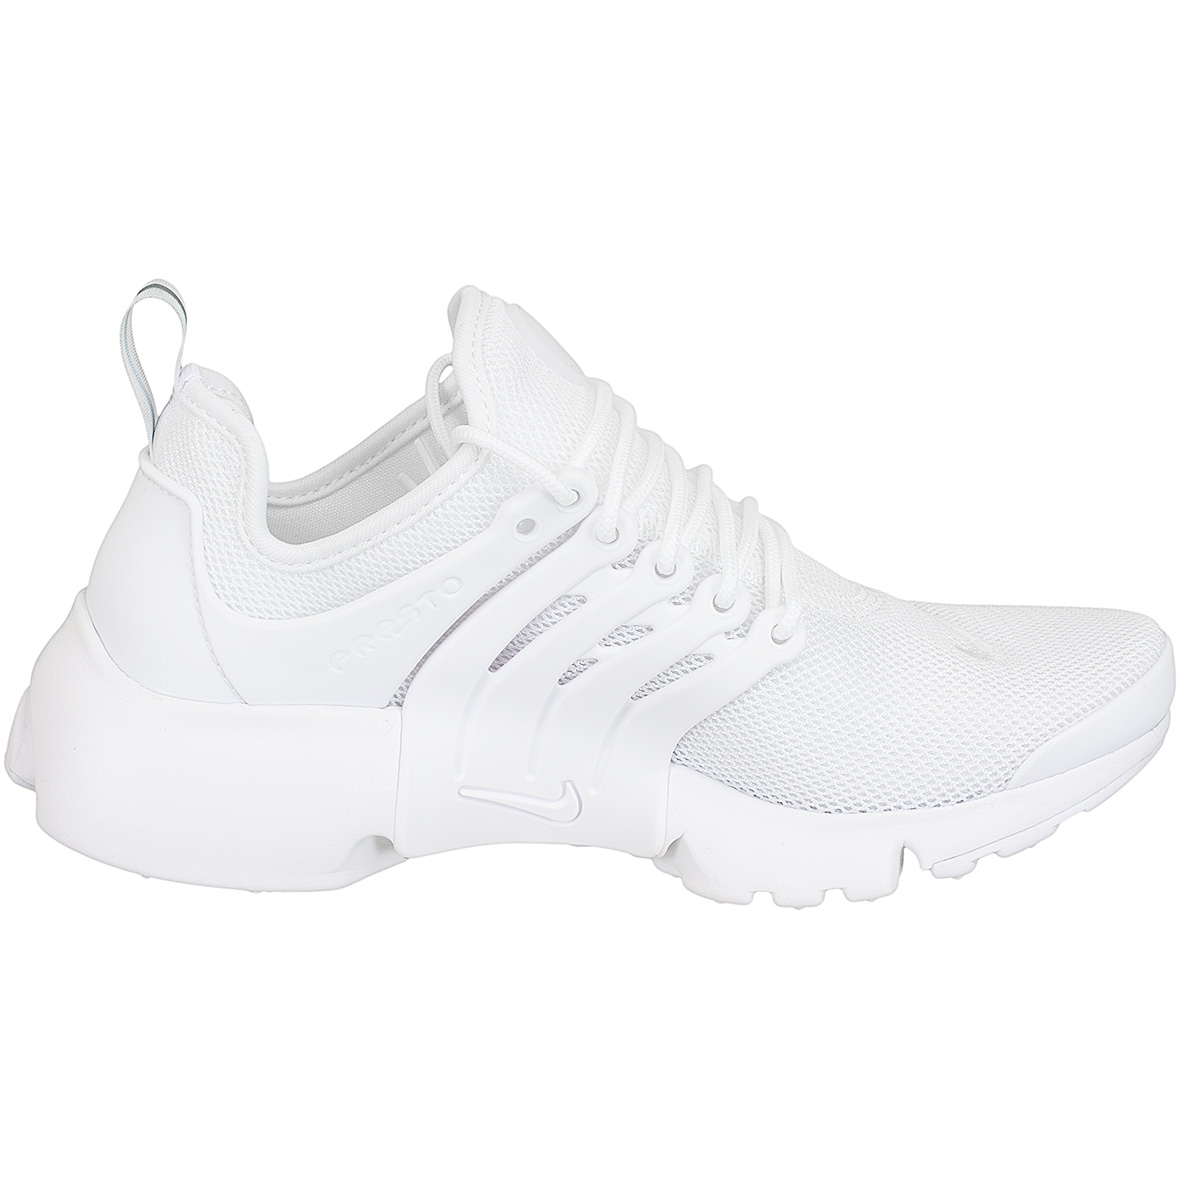 ☆ Nike Damen Sneaker Air Presto Ultra BR weiß/weiß - hier bestellen!